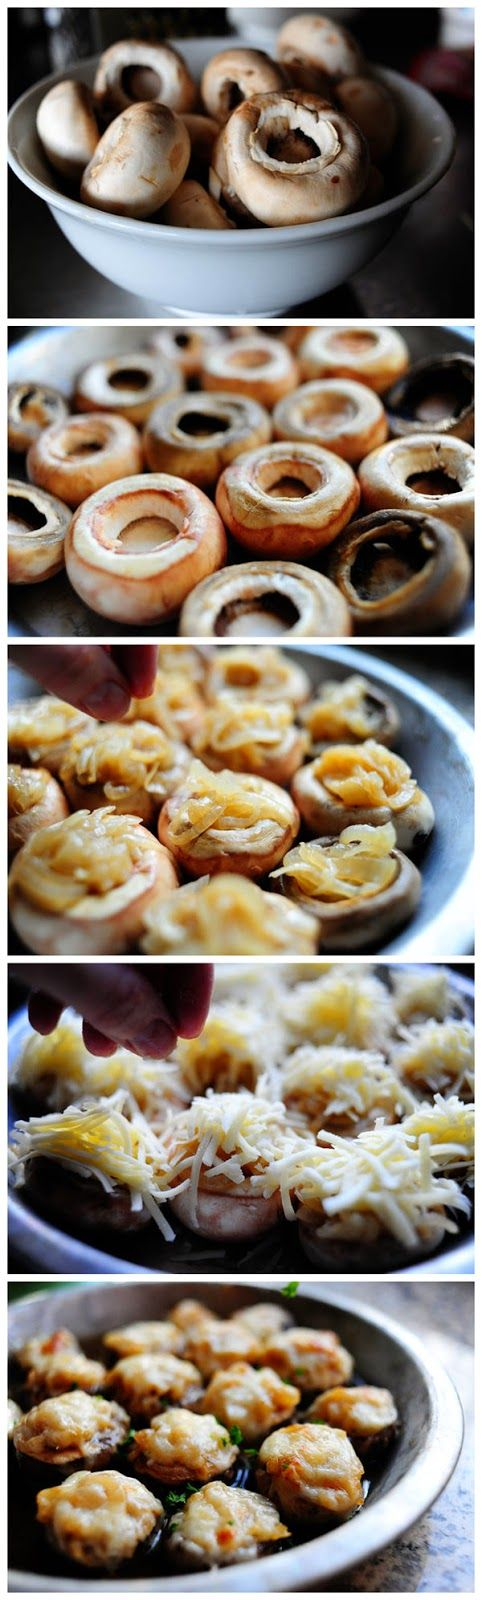 French Onion Soup Stuffed Mushrooms   Yummy Food   Pinterest